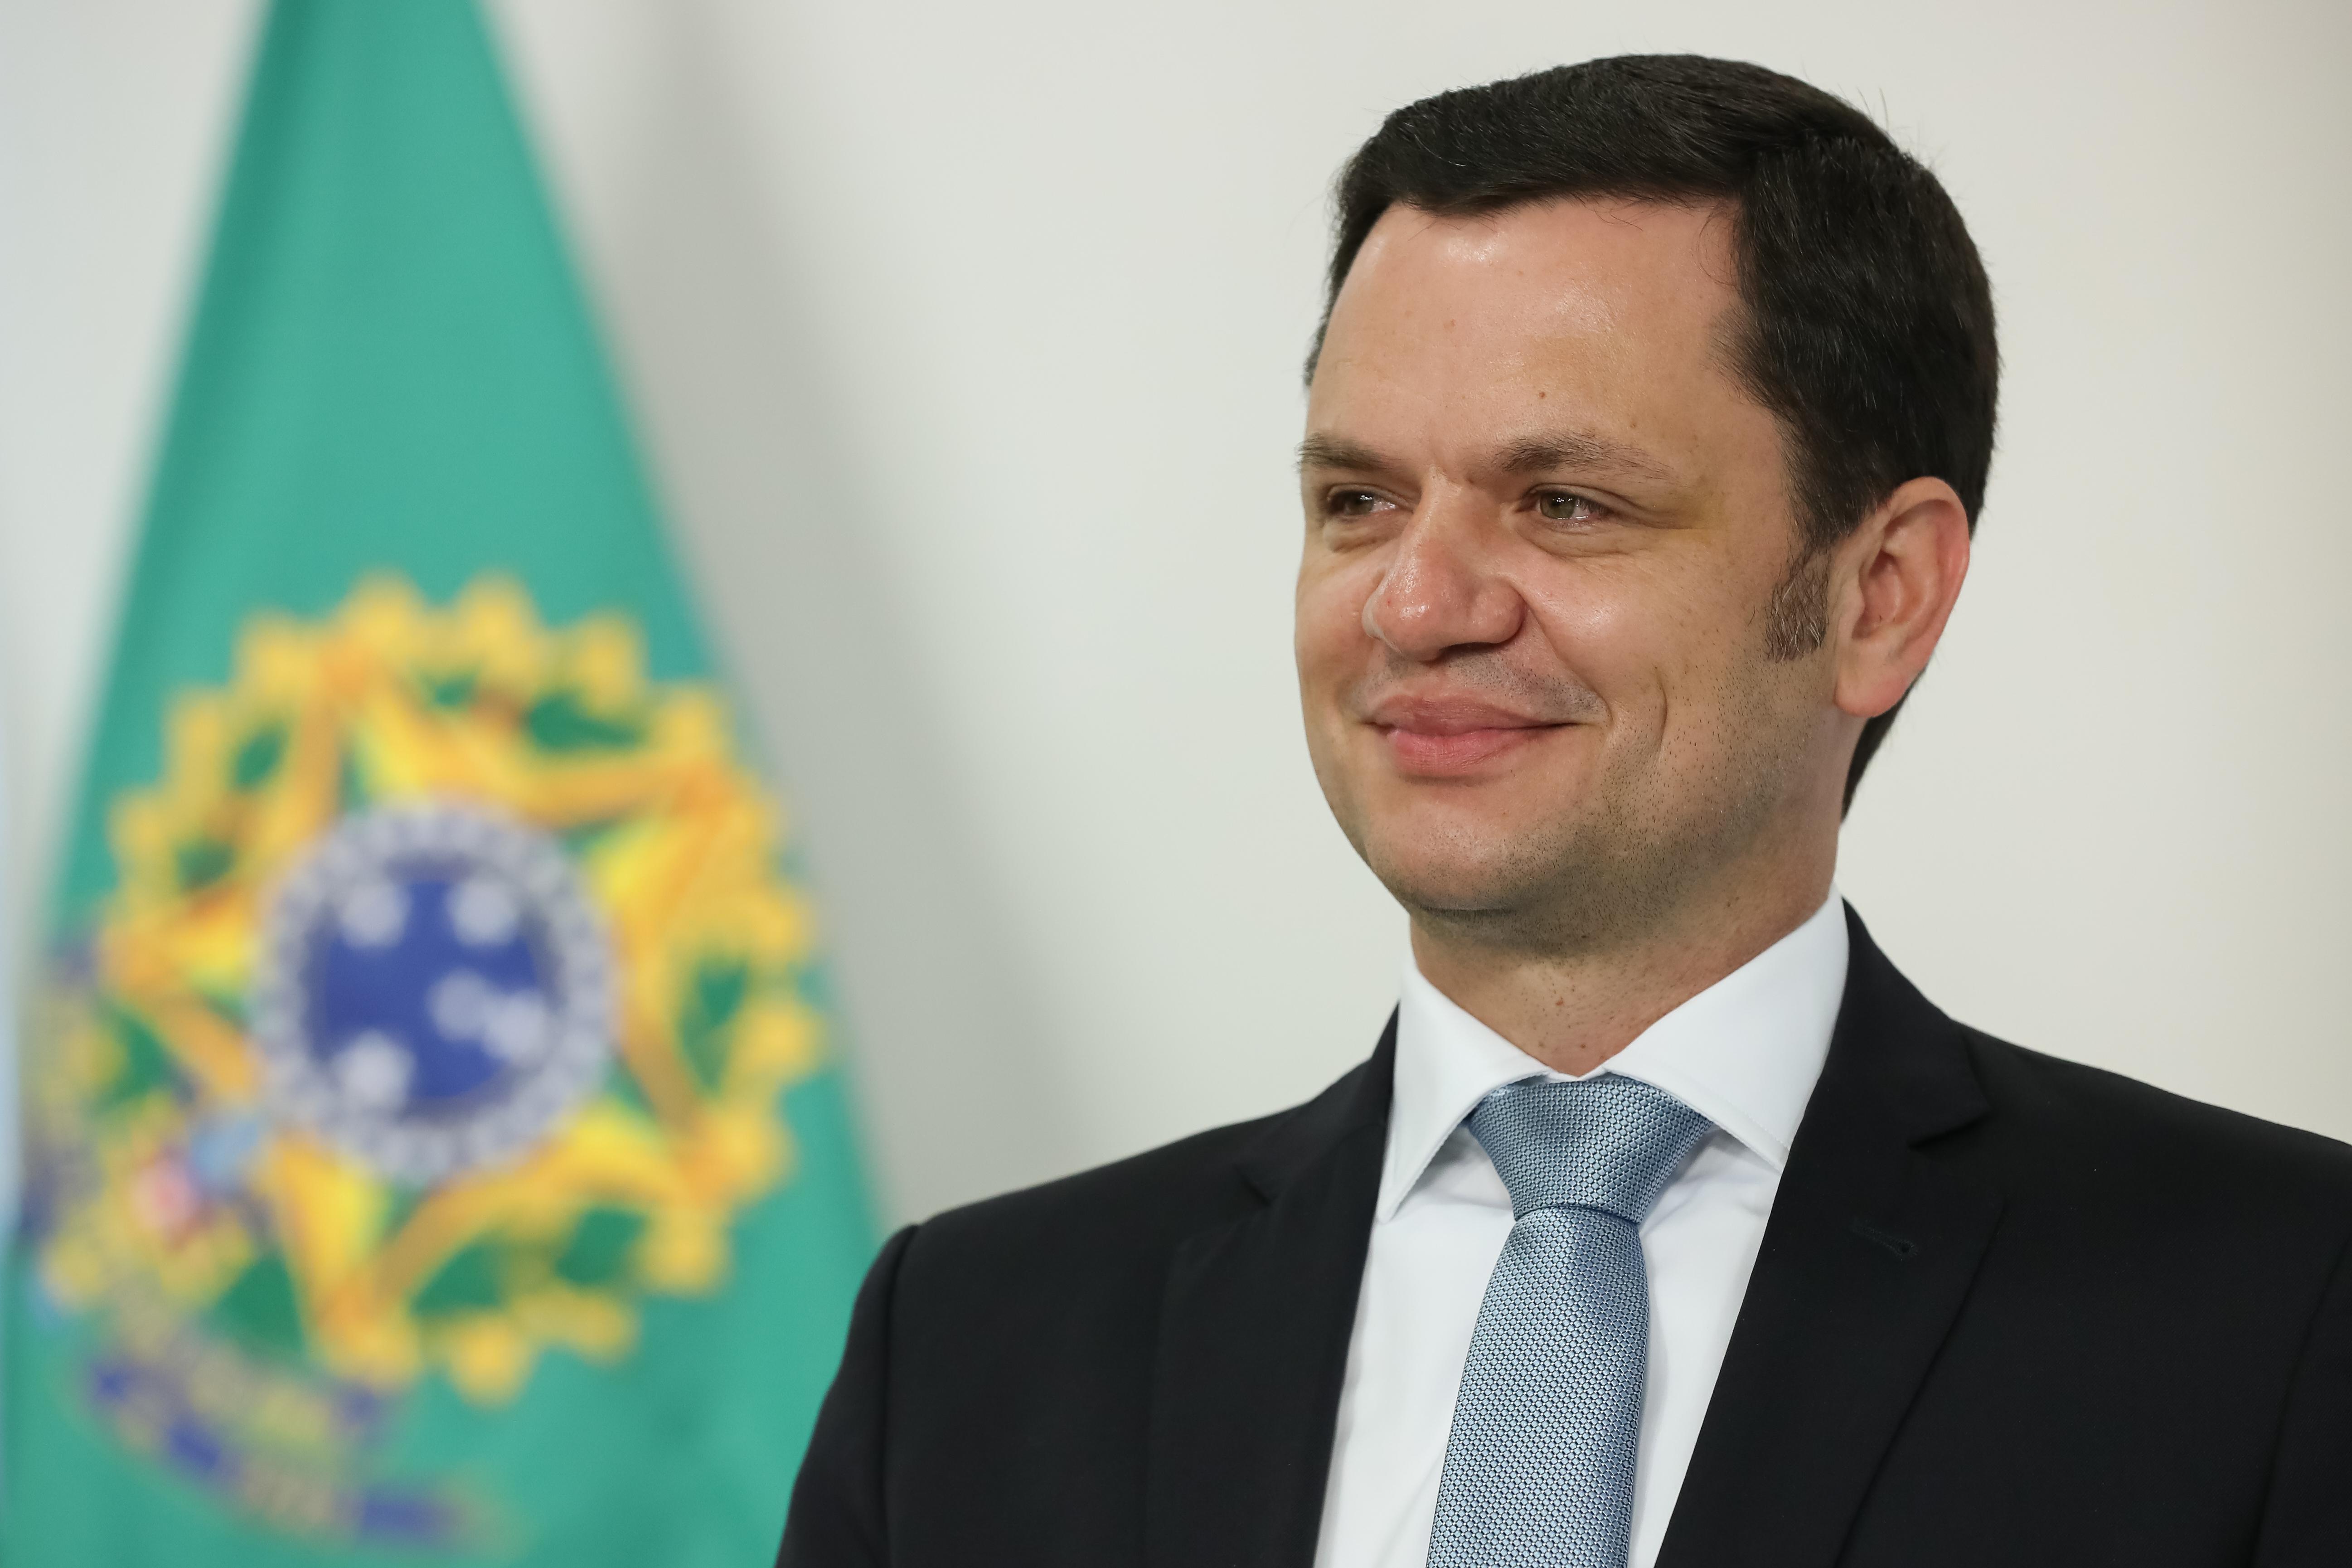 IMAGEM: Ministro da Justiça volta a depor sobre live do voto impresso